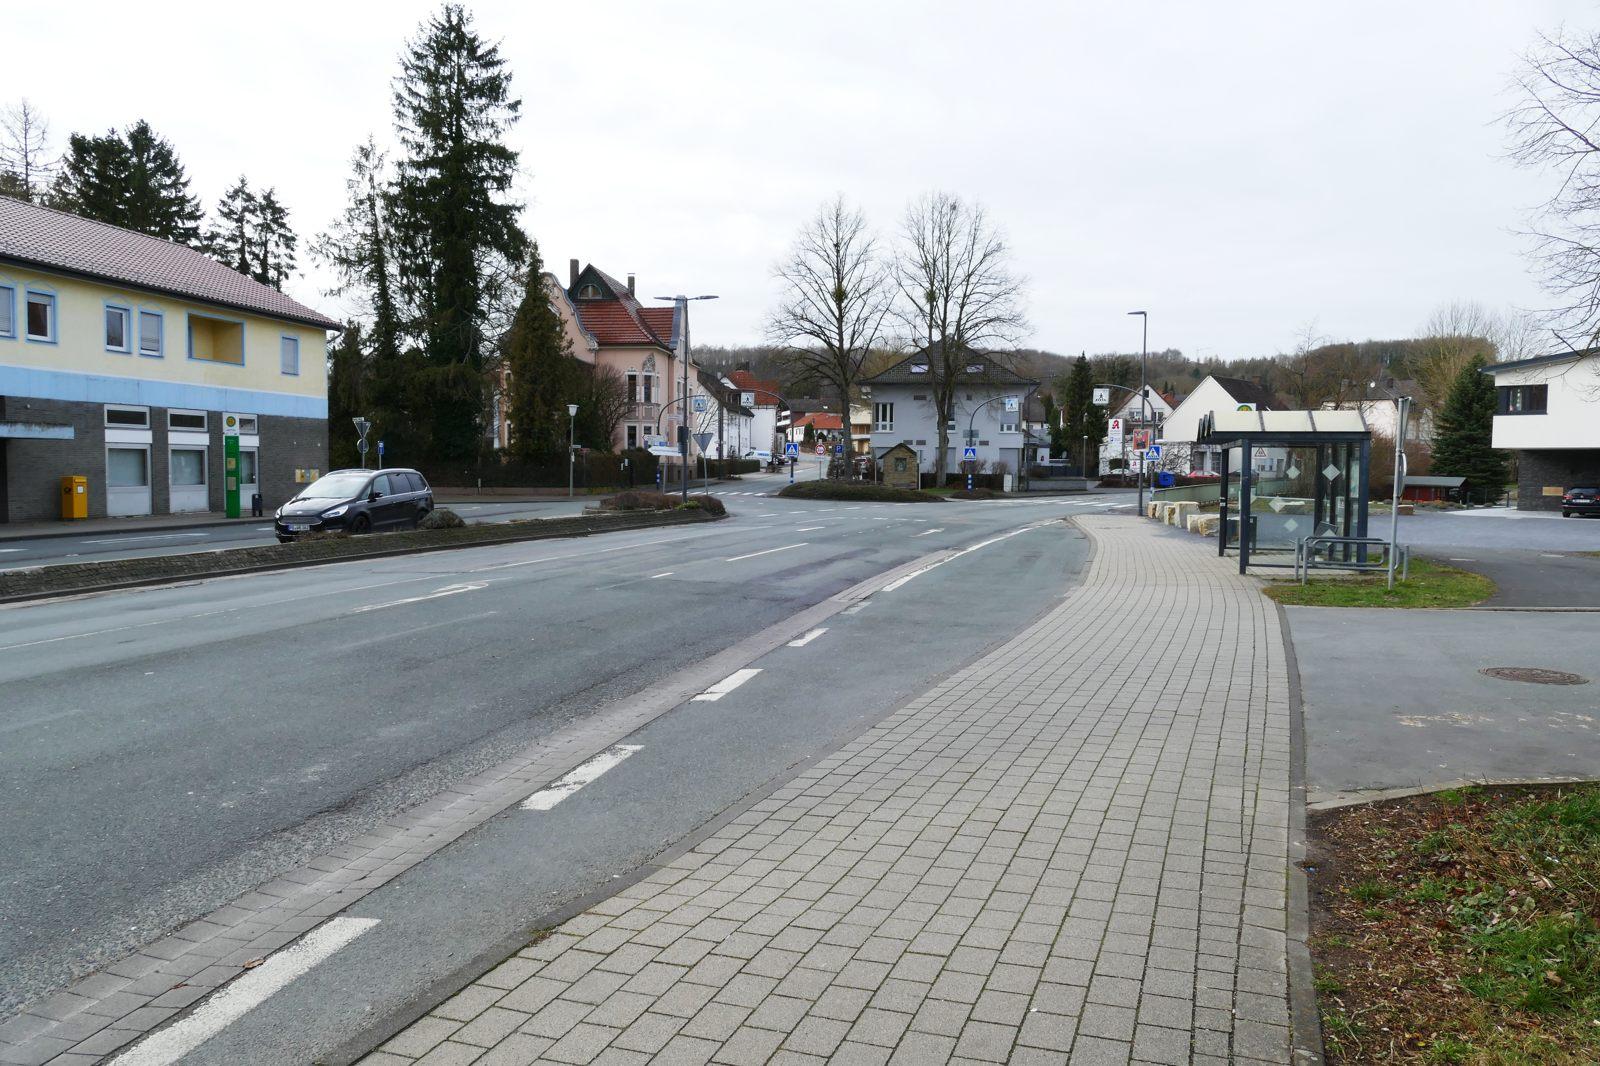 Hier soll ein Kreisverkehr gebaut werden: 21.02.2020